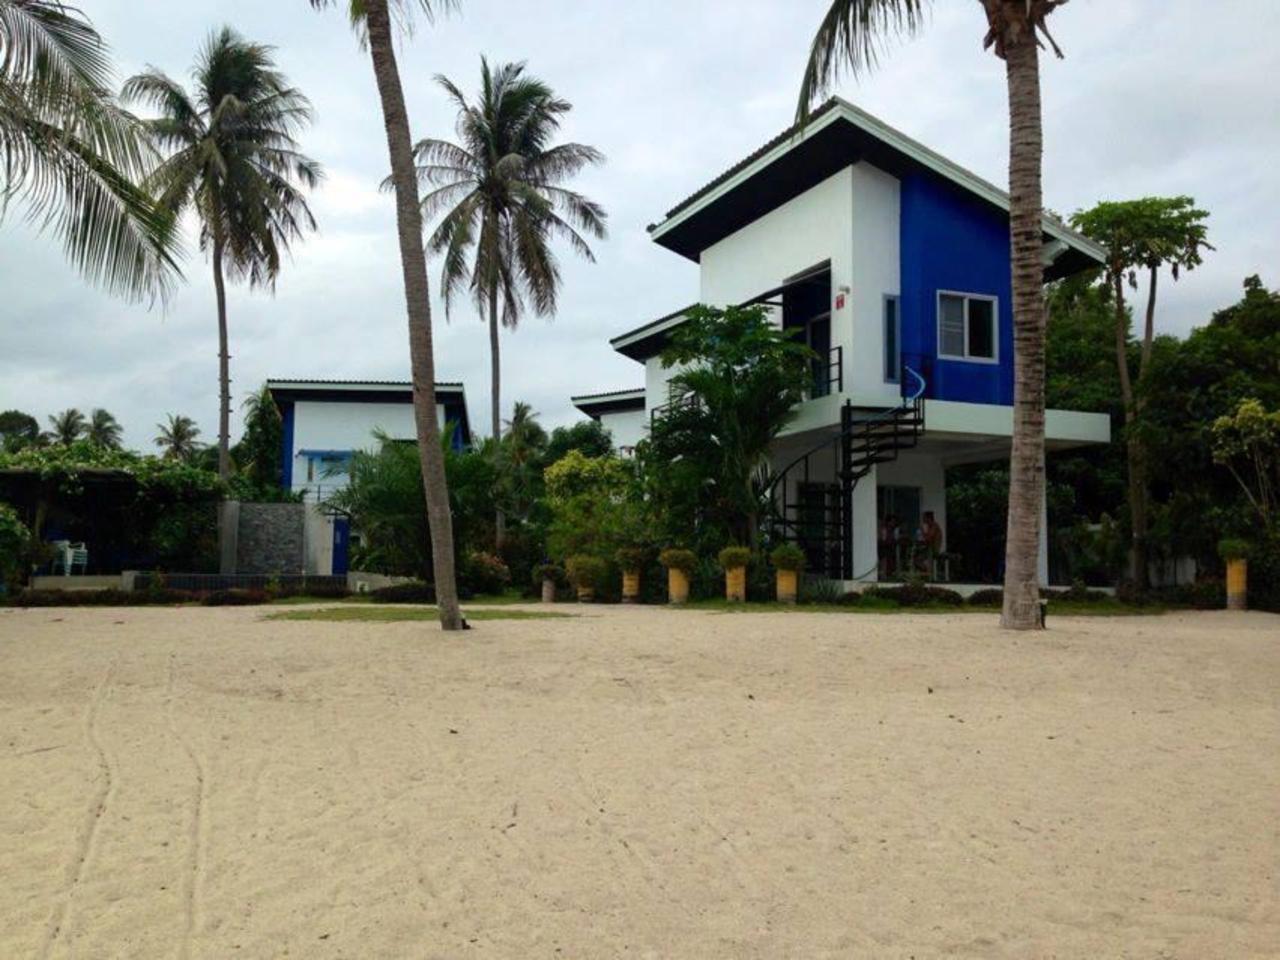 ออ รีสอร์ท (Awe Resort)